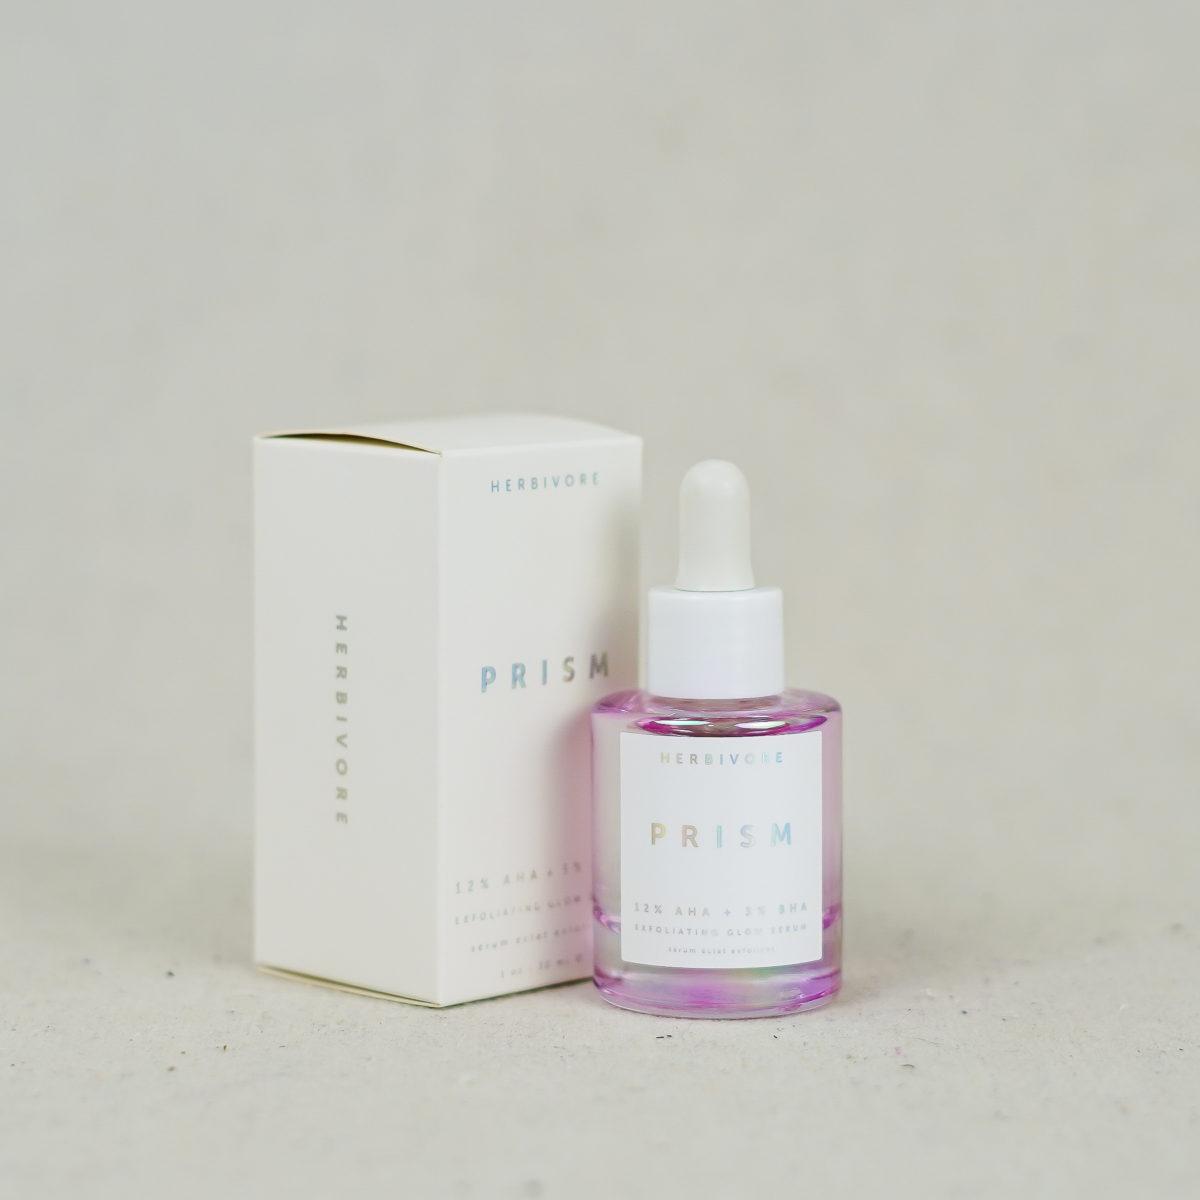 prism-12-exfoliating-serum